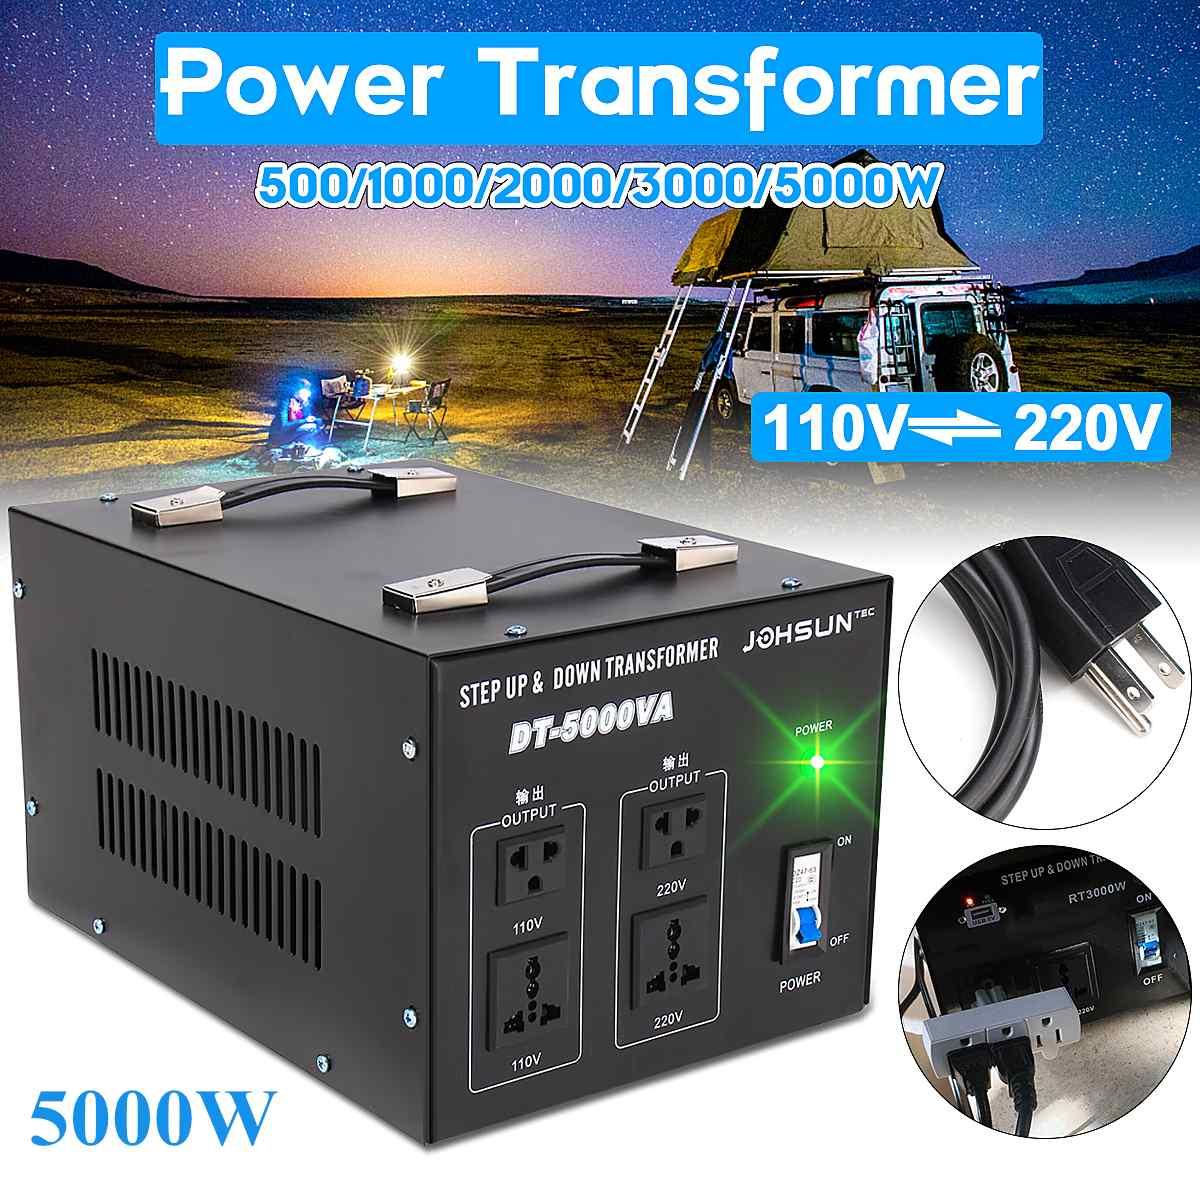 500/1000/2000/3000/5000 W convertisseur de tension lourde transformateur de puissance 220 V auf 110 V convertisseur - 2